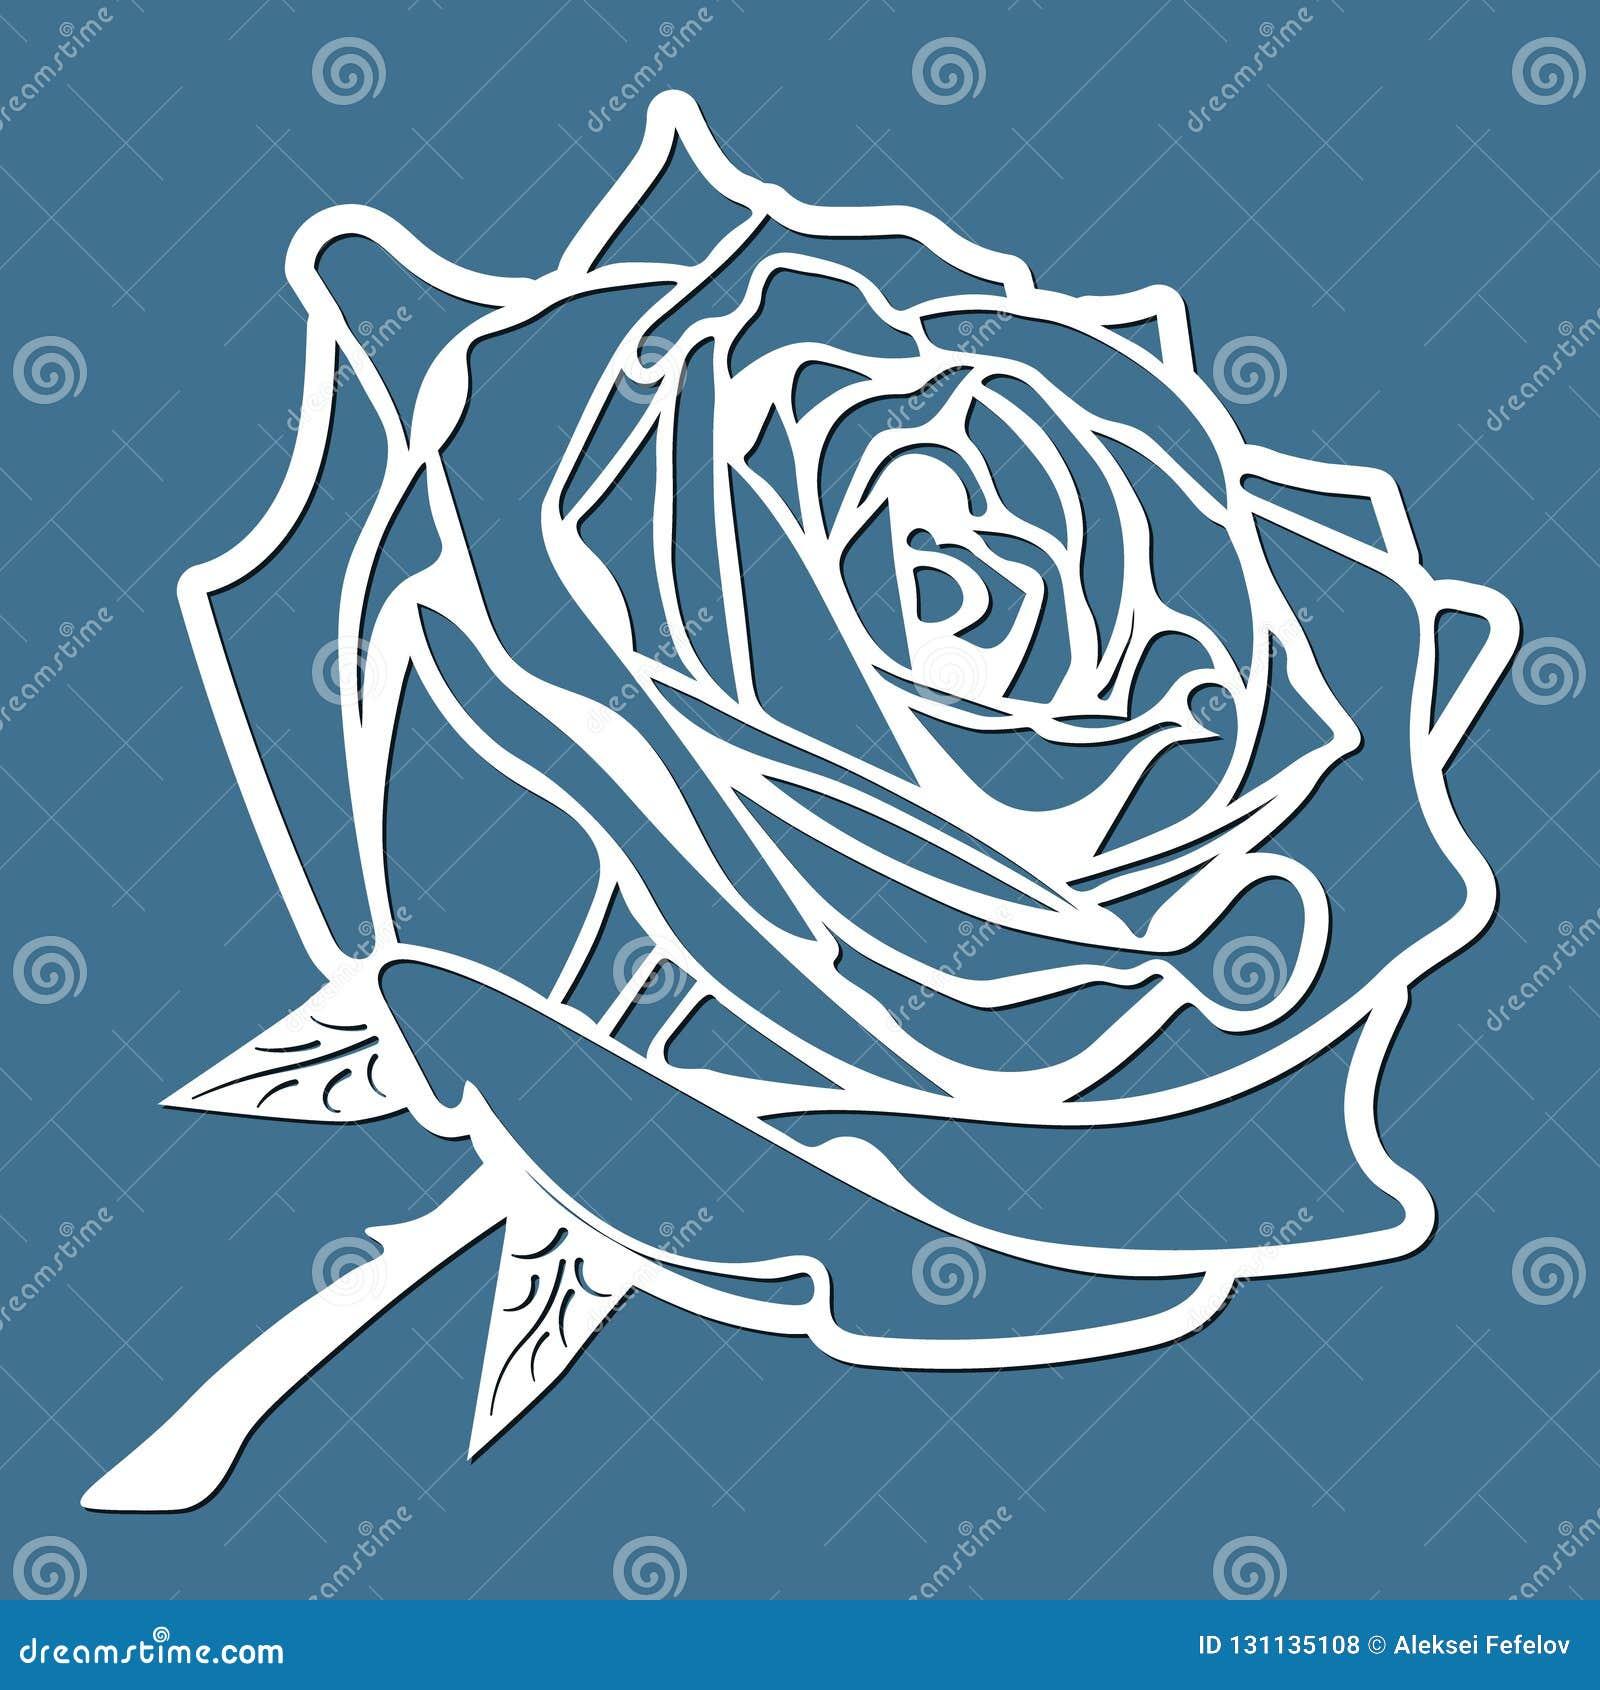 Blomman steg, laser klippte blomman, mallen för att klippa, beståndsdelen för kortdesignen, gåva på valentins dag, förälskelsebok